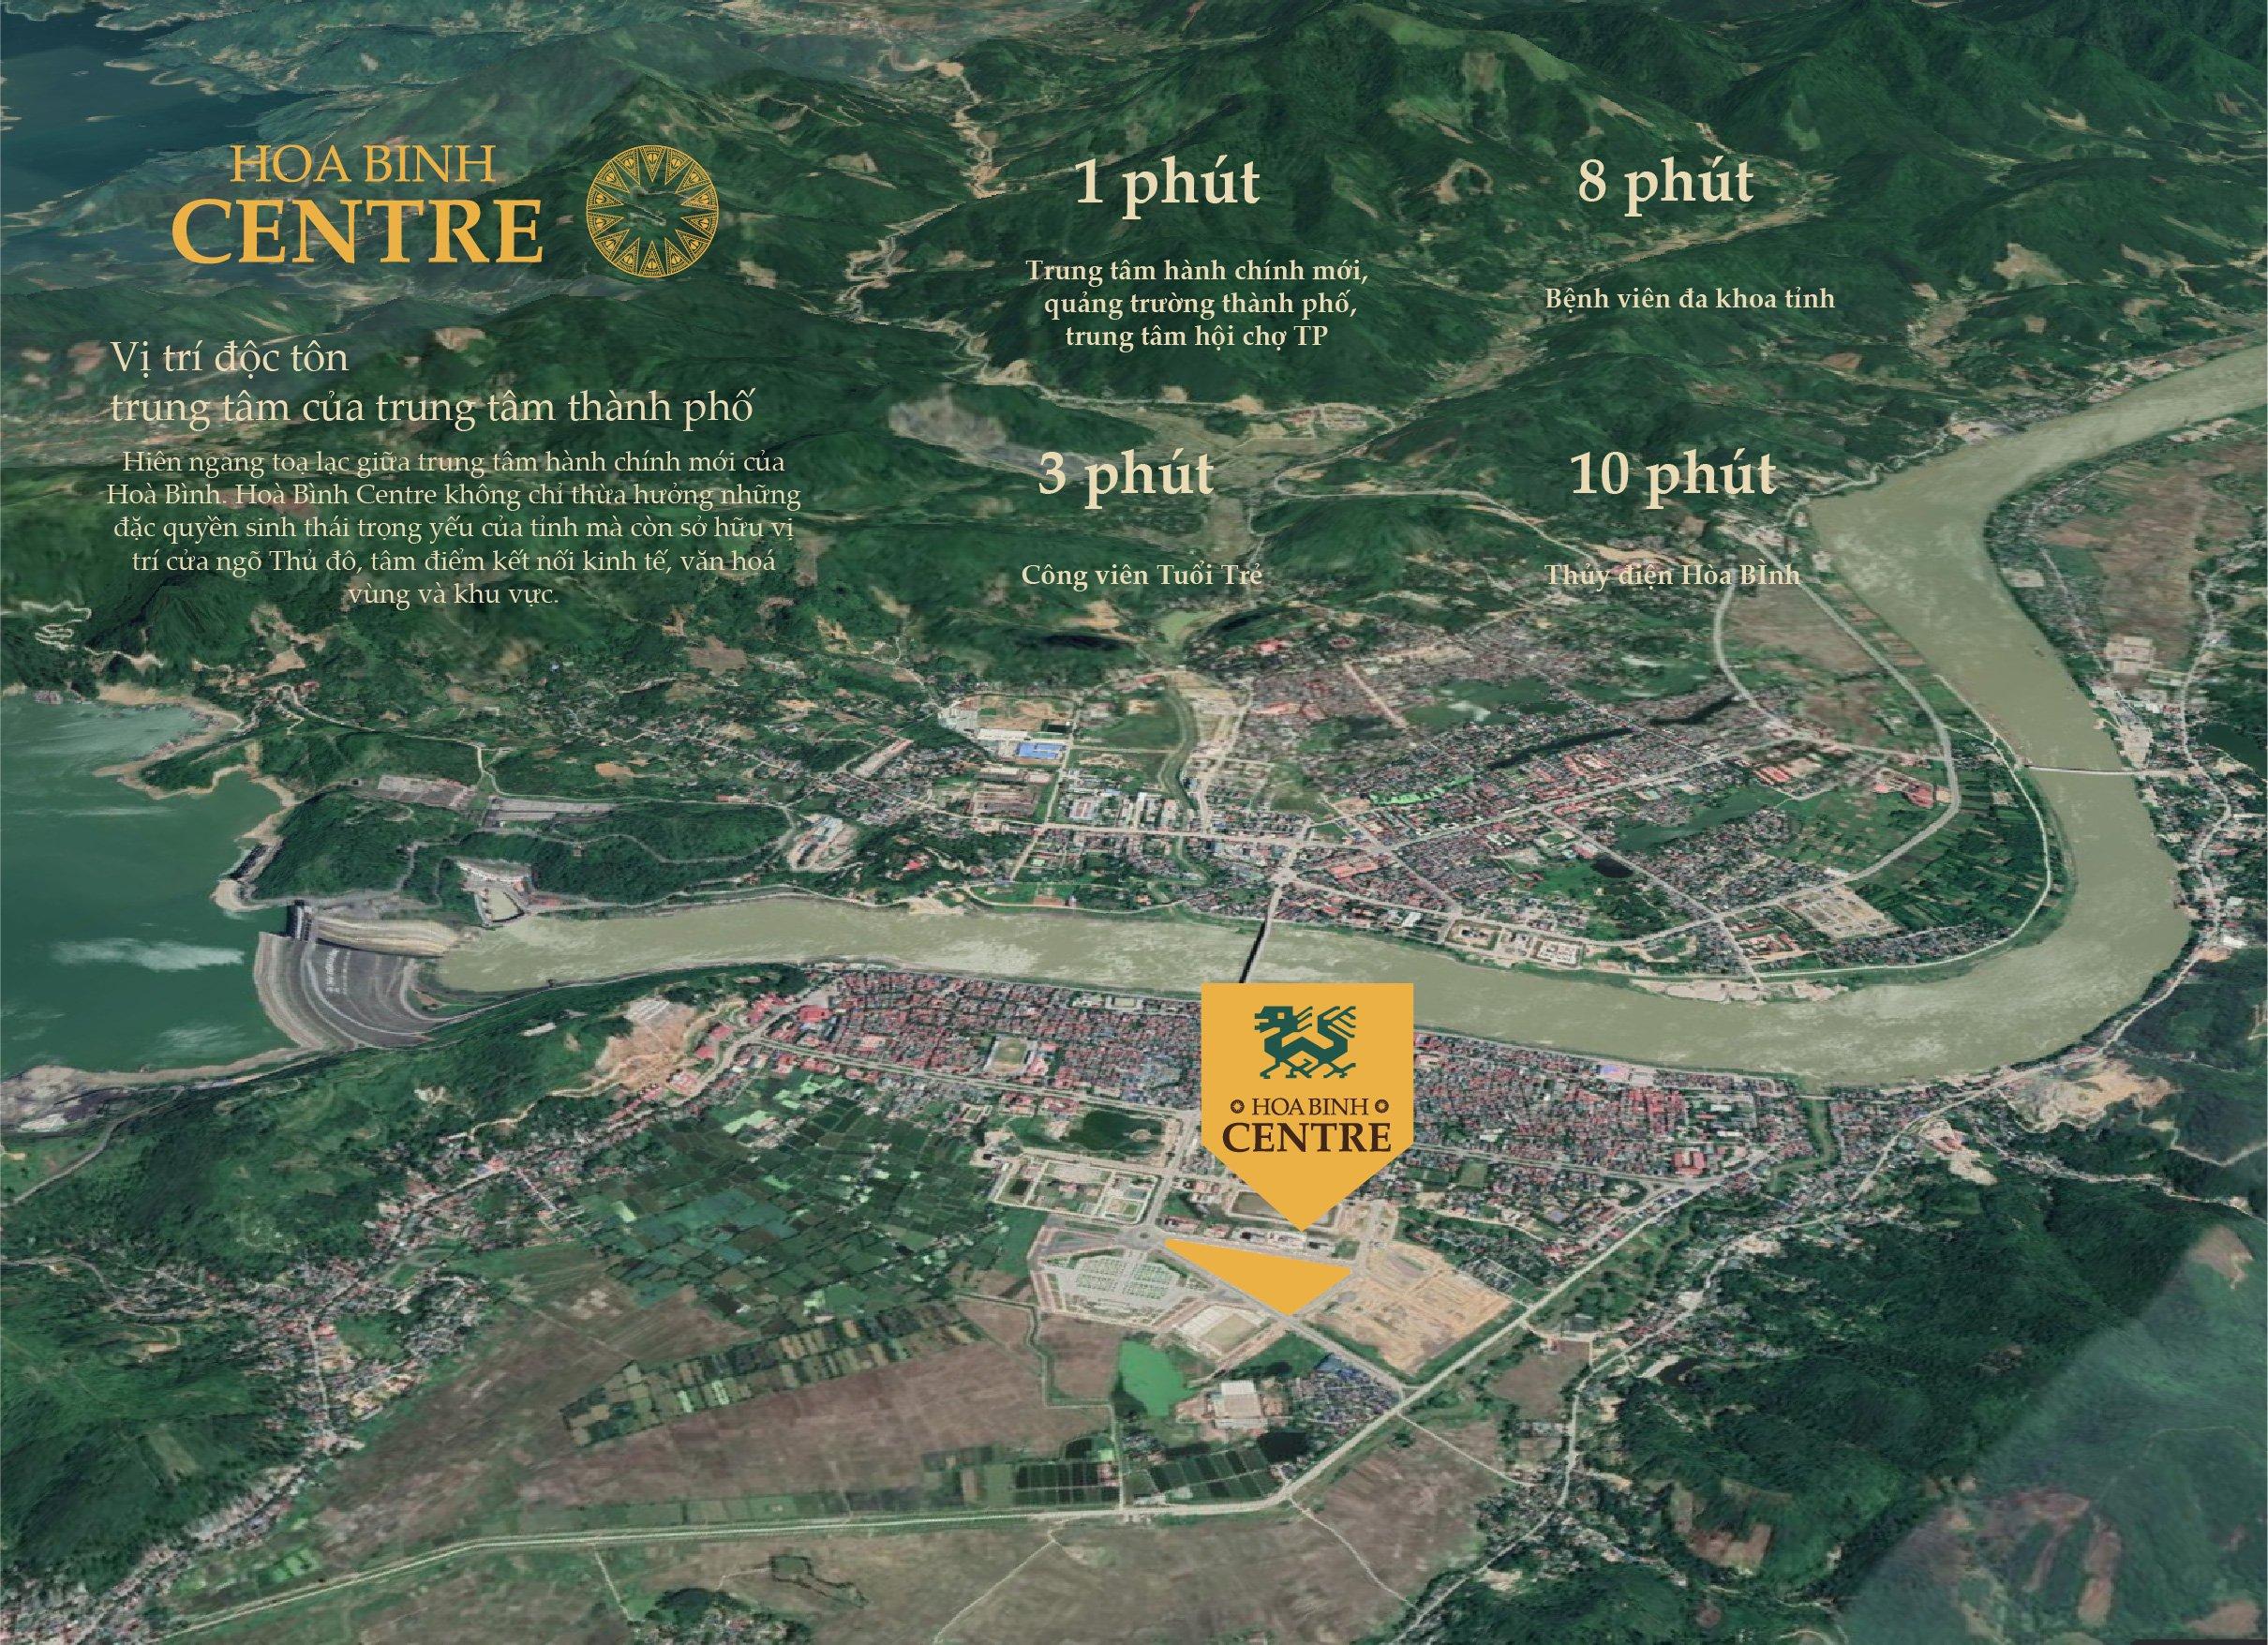 vị trí độc tôn hòa bình centre